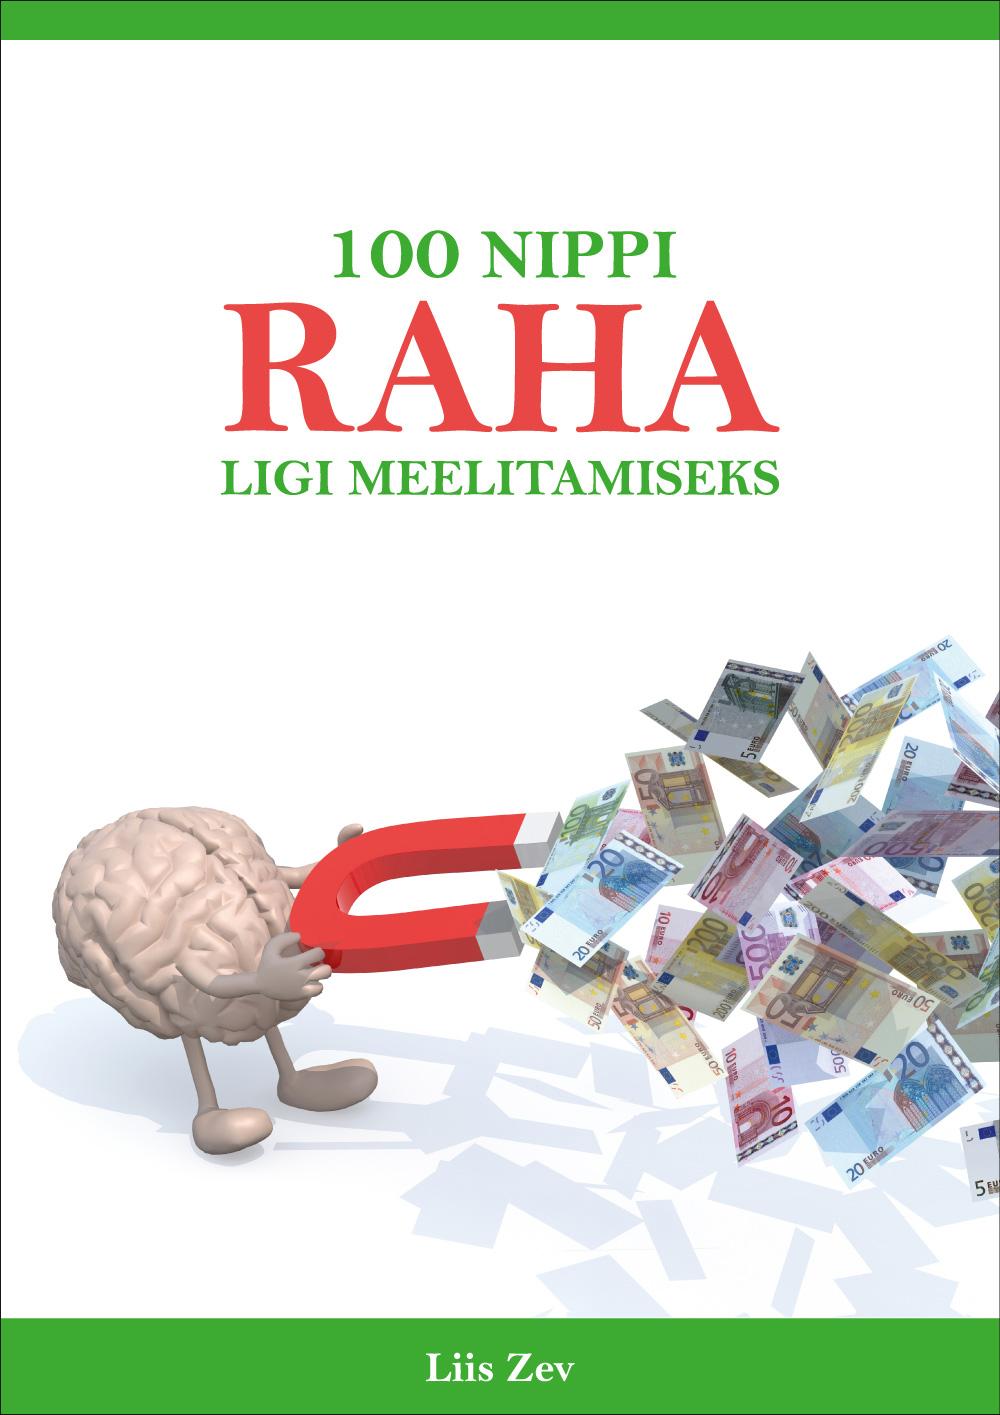 Liis Zev 100 nippi raha ligimeelitamiseks liis zev 100 nippi raha ligimeelitamiseks